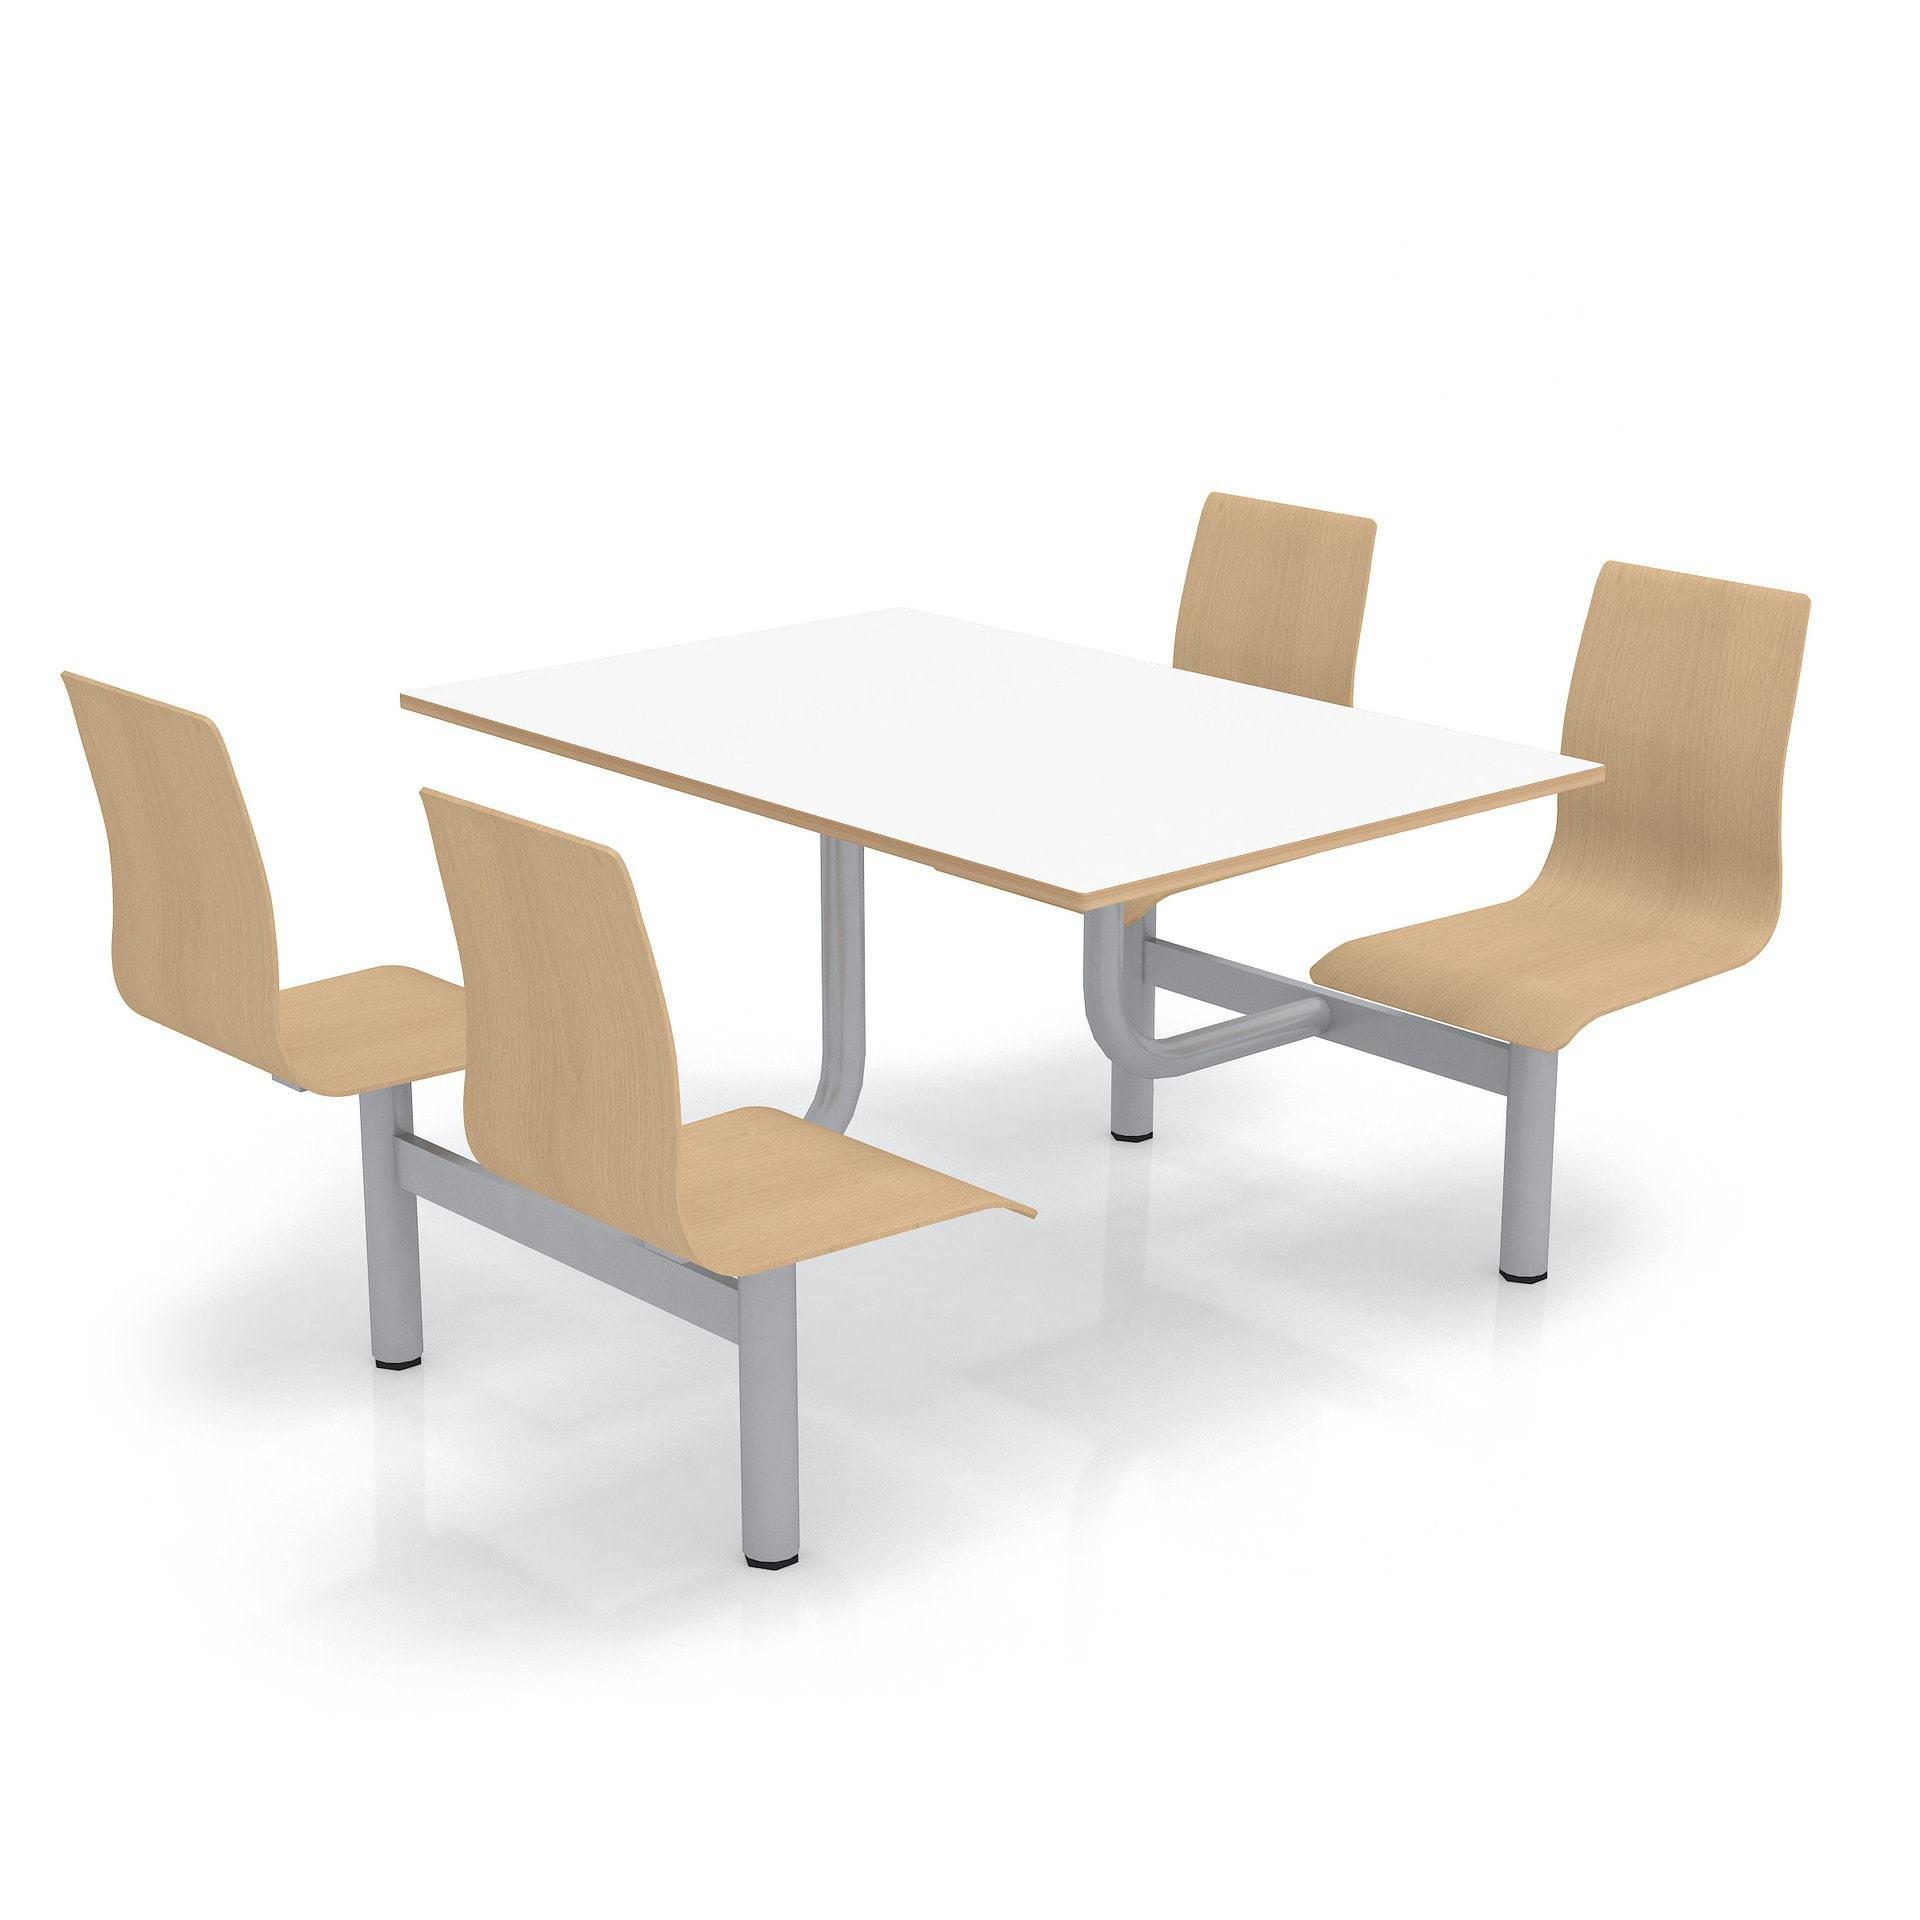 Školský jedálenský set s preglejkovými sedadlami, doska umakart